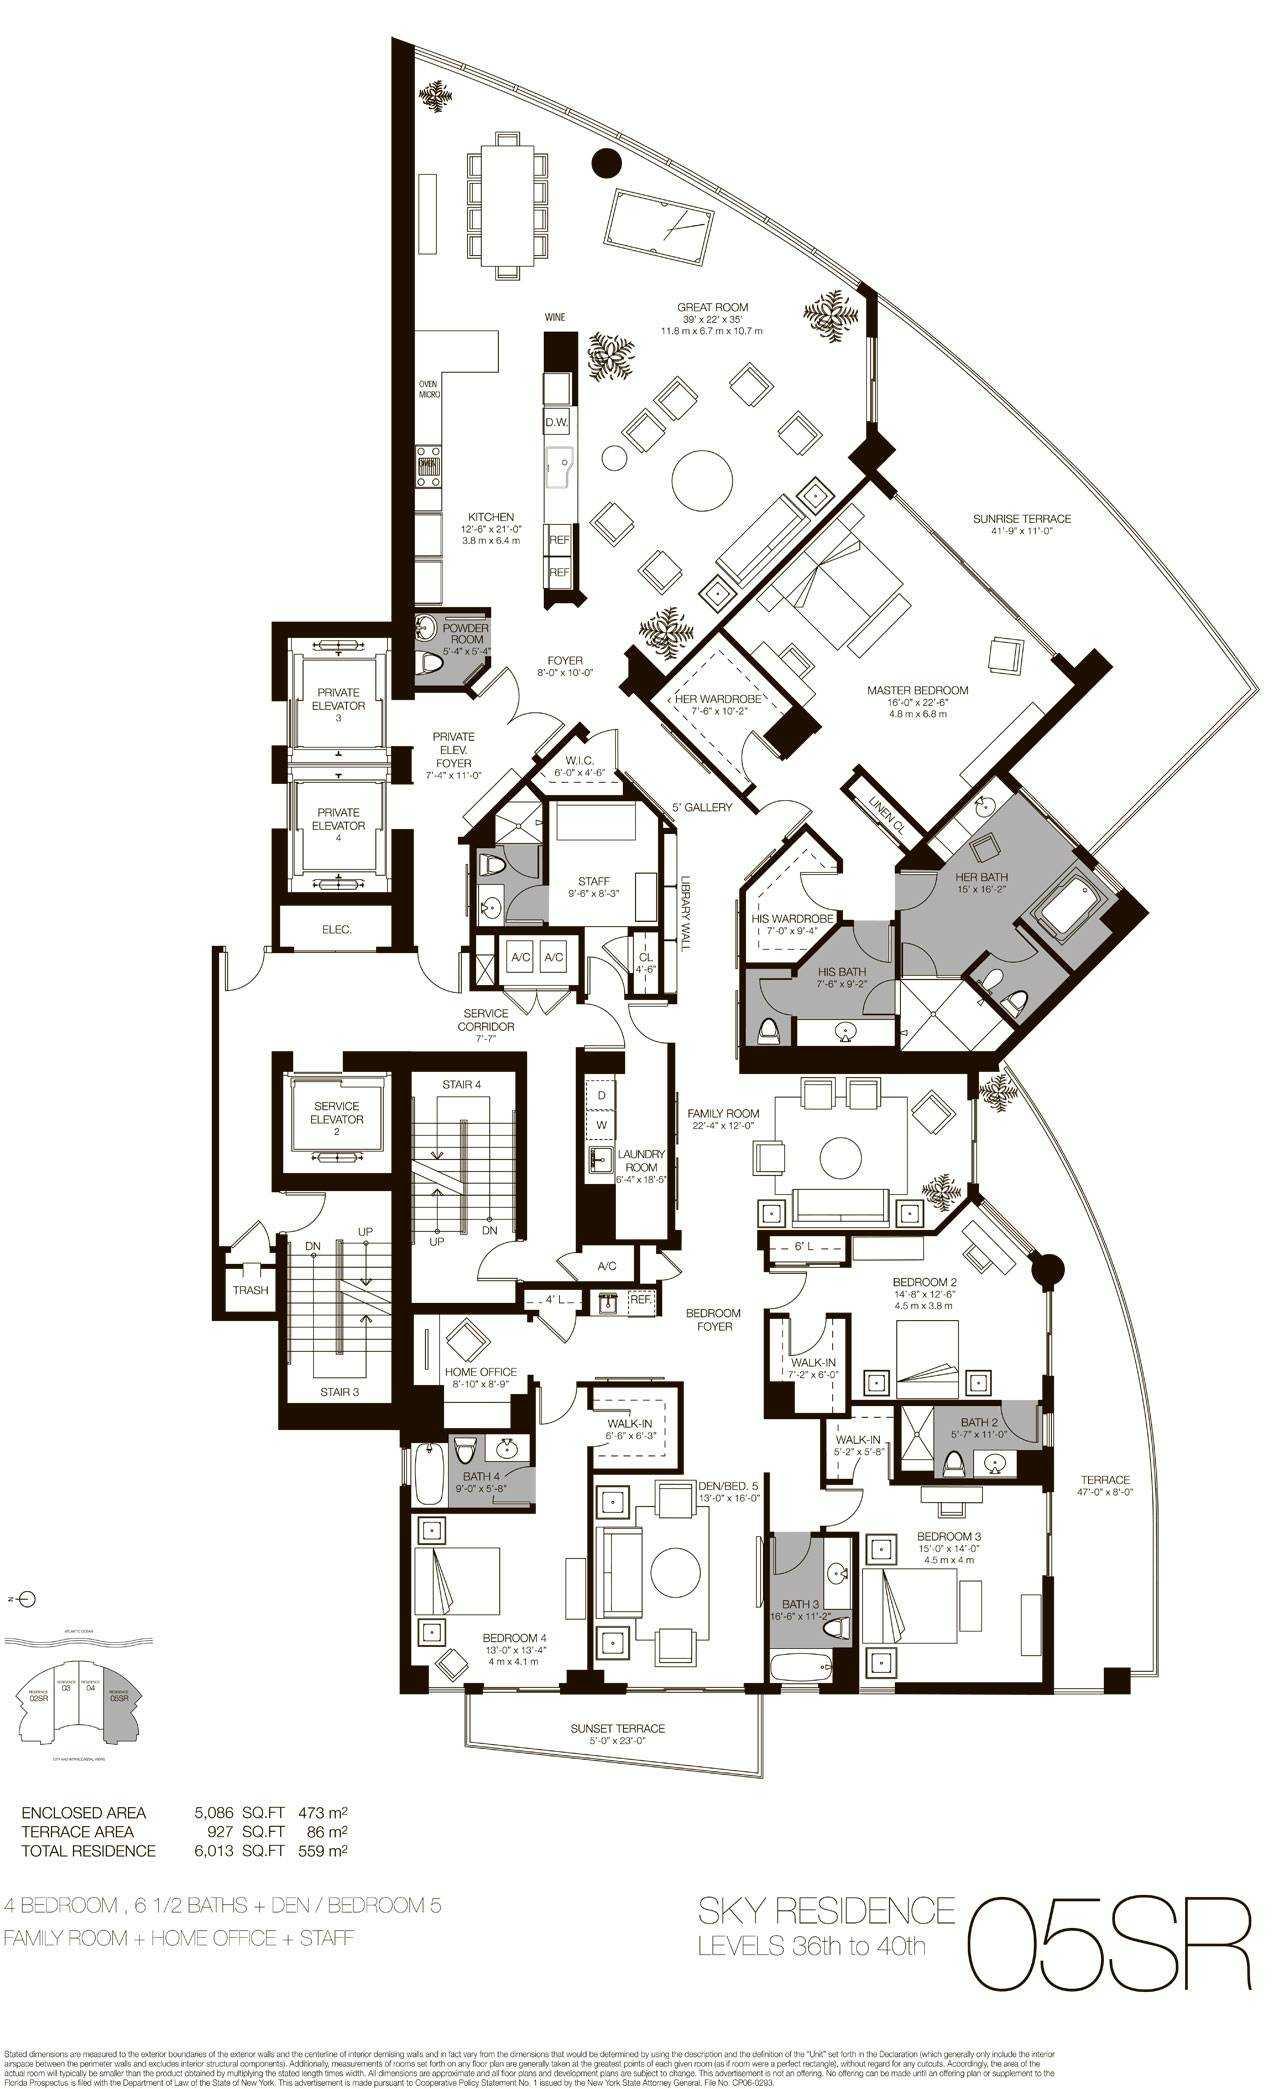 Sky residence 02 - 05, Level 34-40